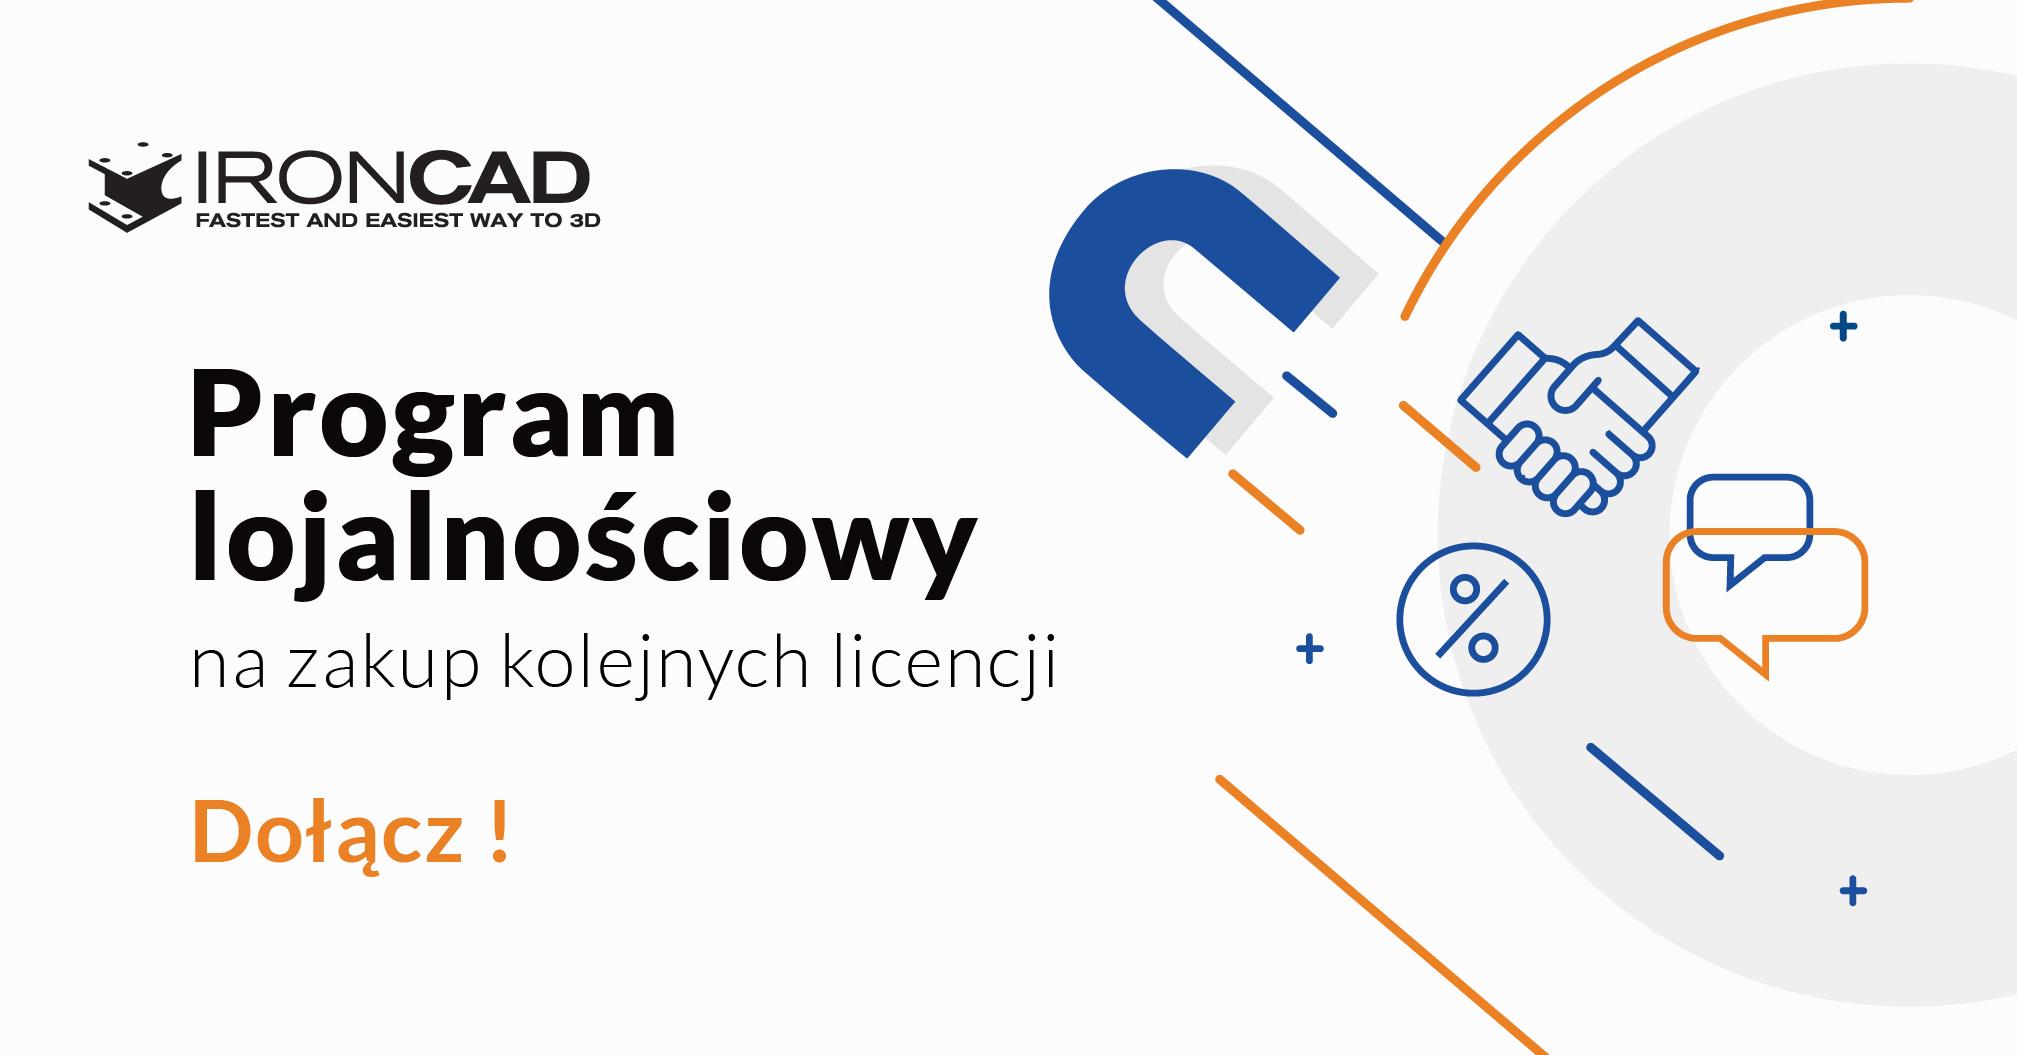 IRONCAD Polska docenia obecnych klientów!